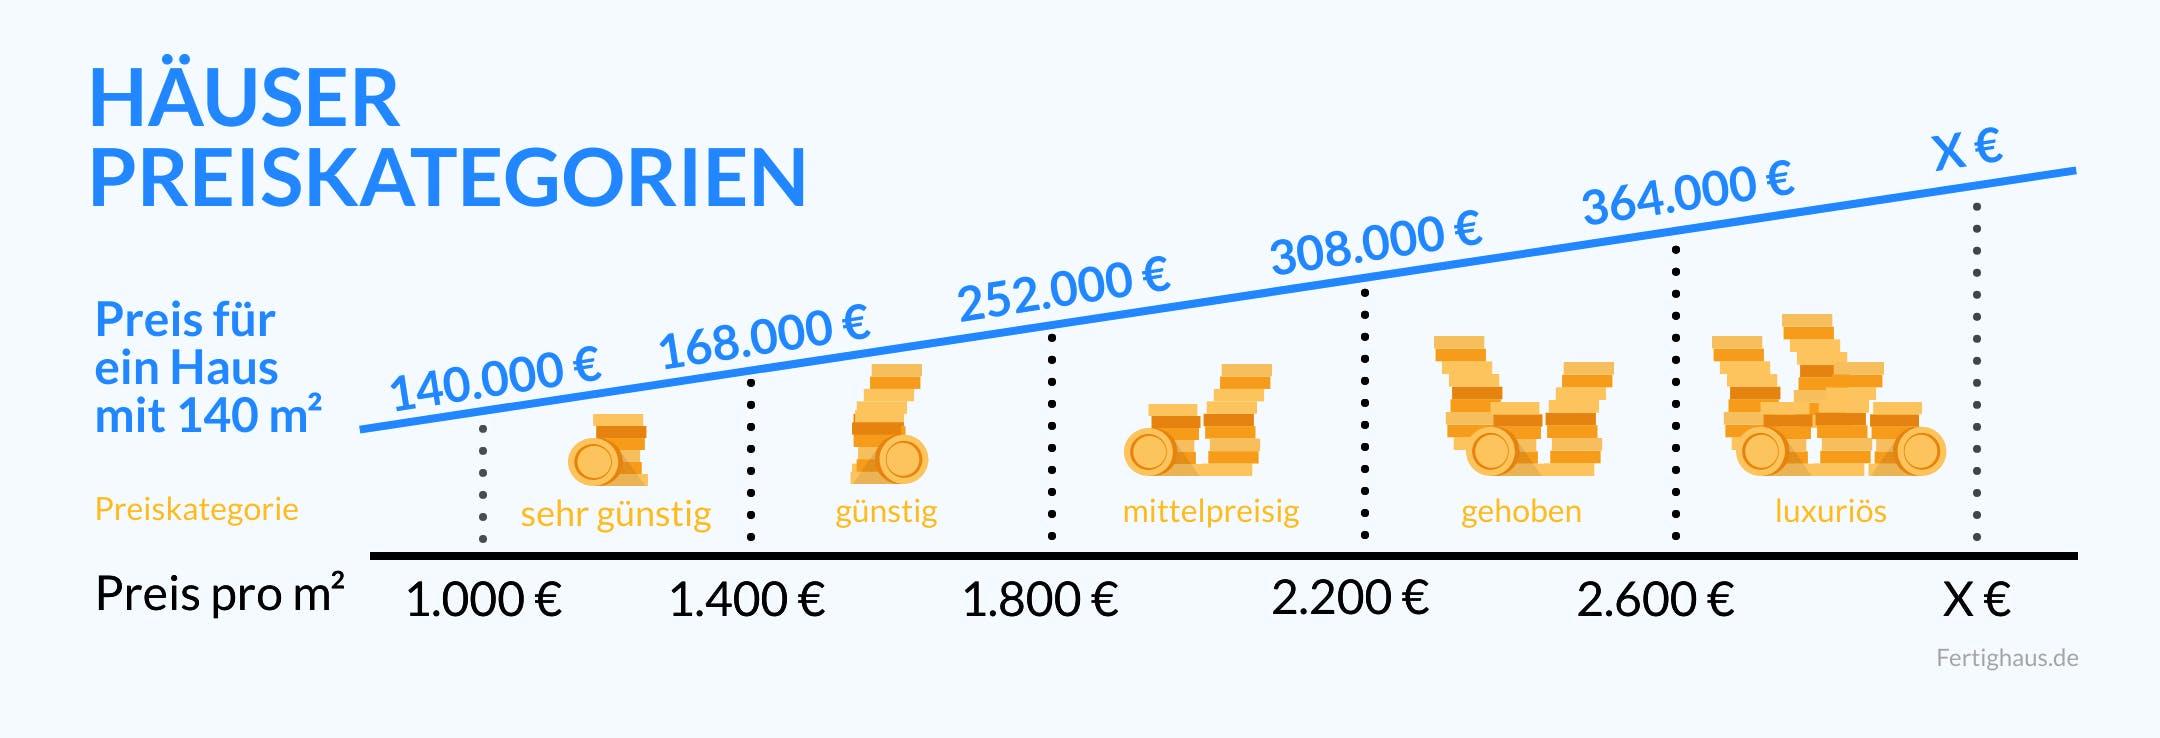 Grafik mit dem Verlauf der Preiskategorien für neugebaute Häuser nach Quadratmeterpreis